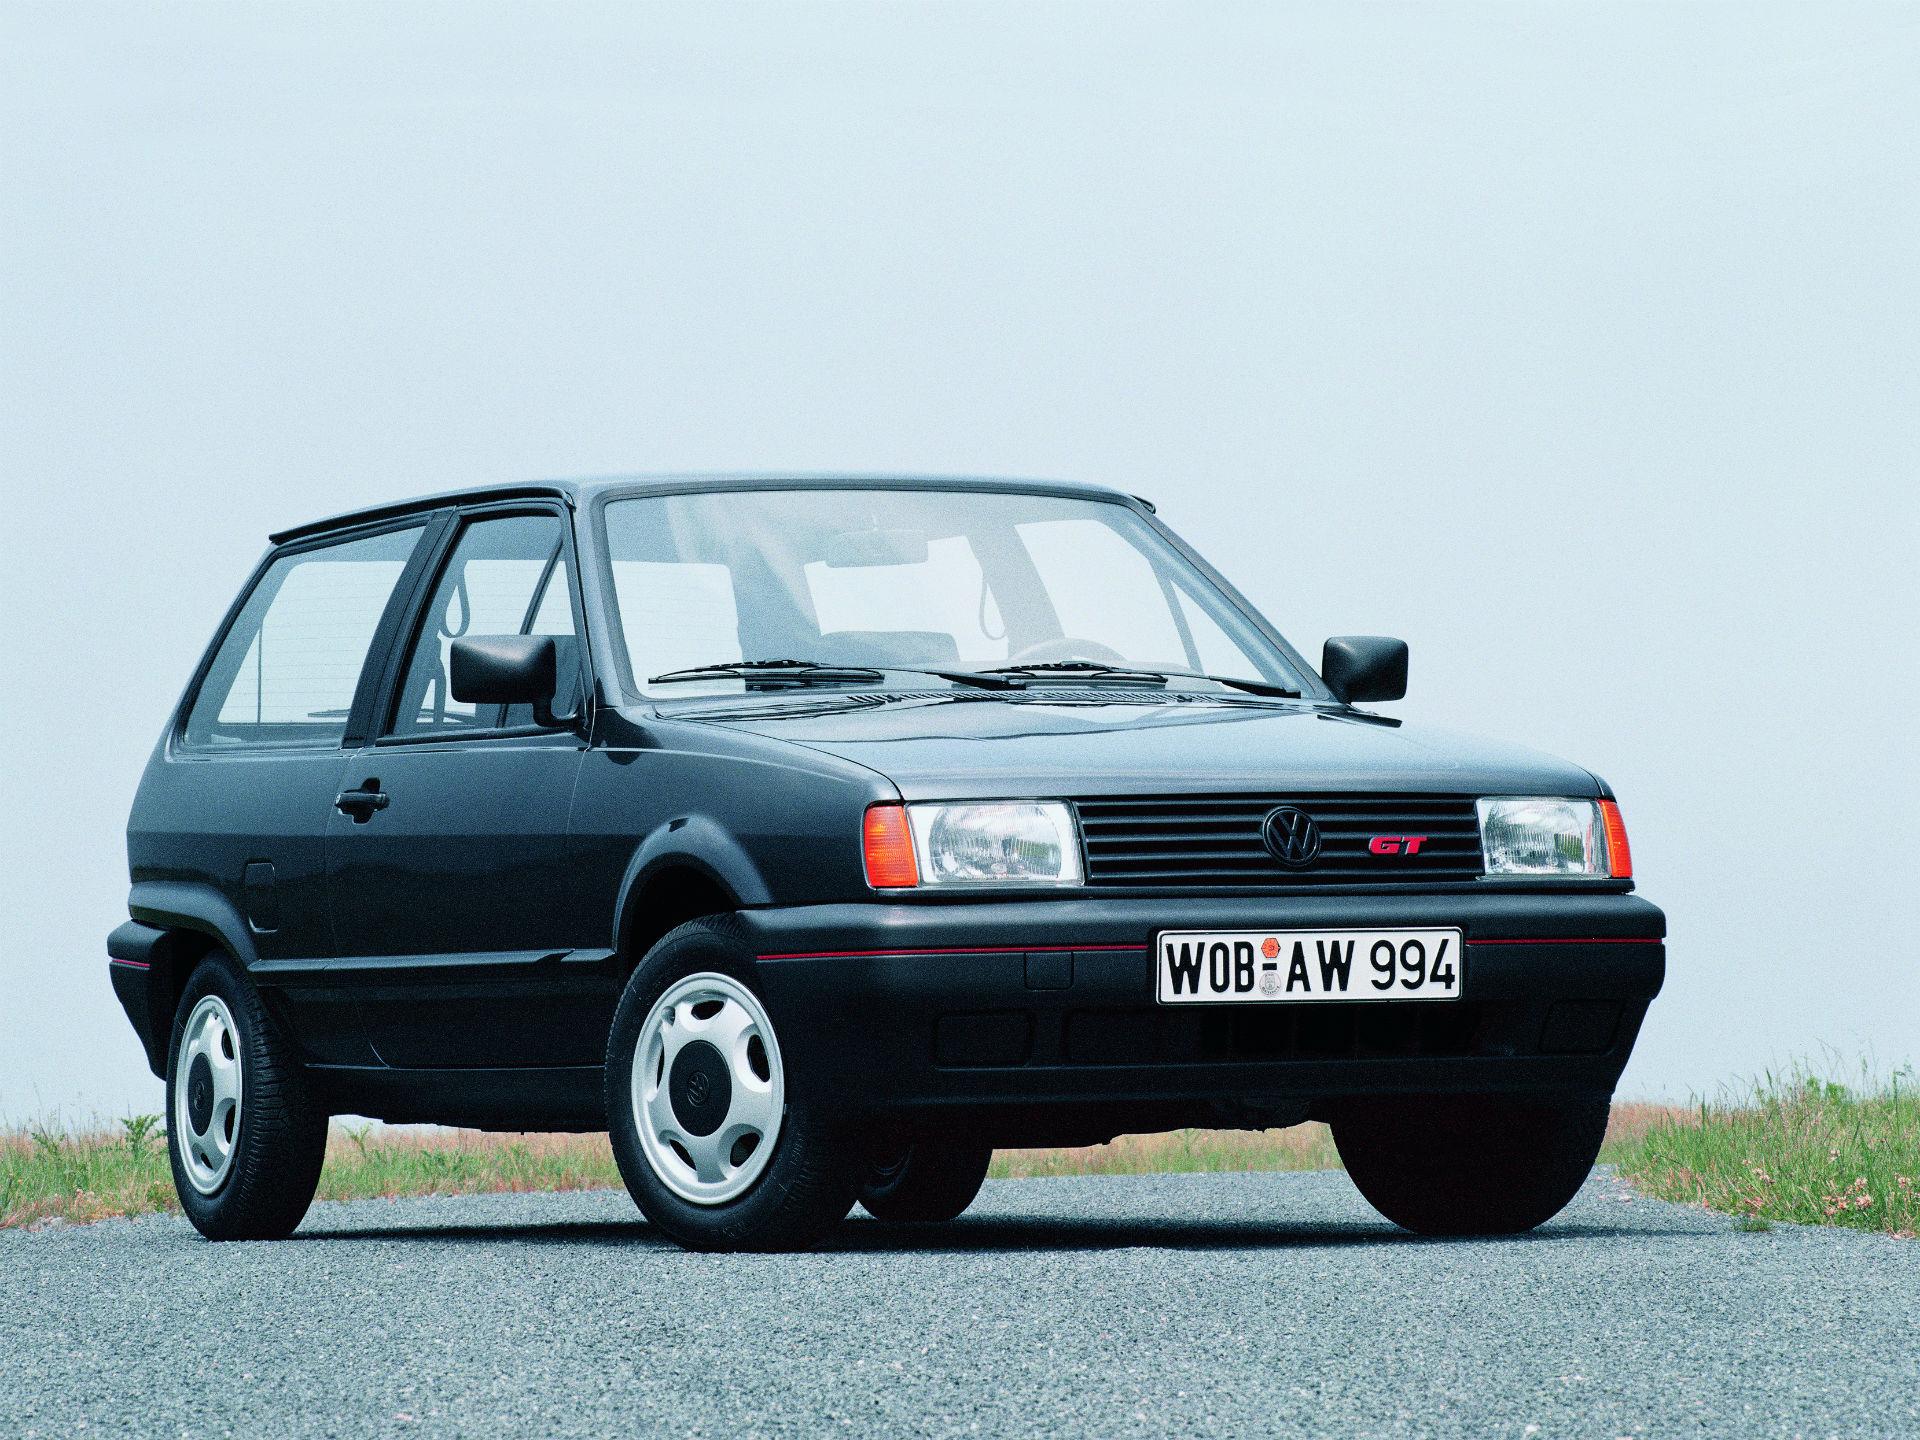 A finales de los años 80, el Polo II, recibió un facelift de intermedia generación. El modelo ya estaba posicionado cual un buen referente en el inédito segmento. Recibió mejoras en motores y frenos. Foto. Volkswagen